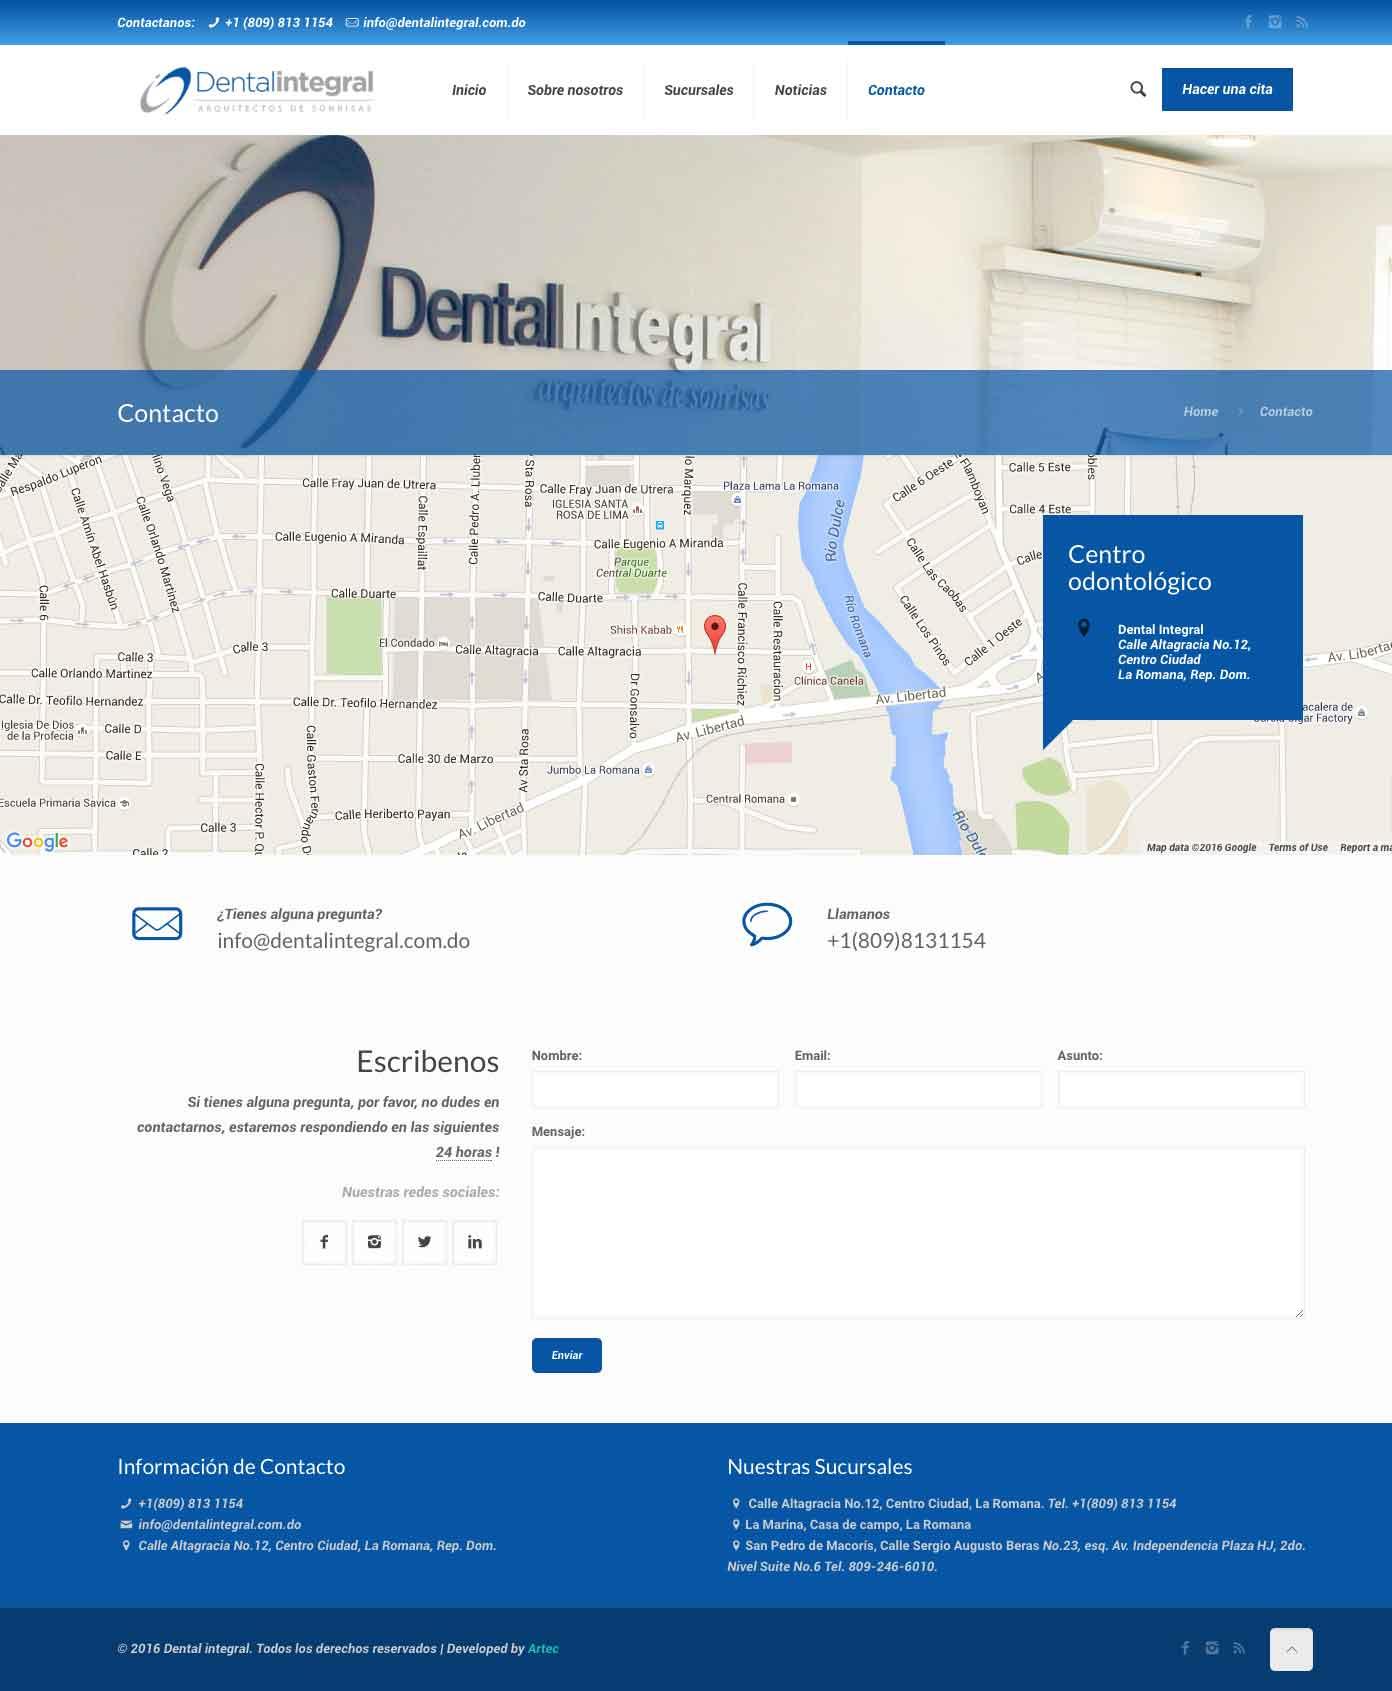 FireShot-Capture-17---Contacto-I-Dental-Integral---http___dentalintegral.com.do_contacto_